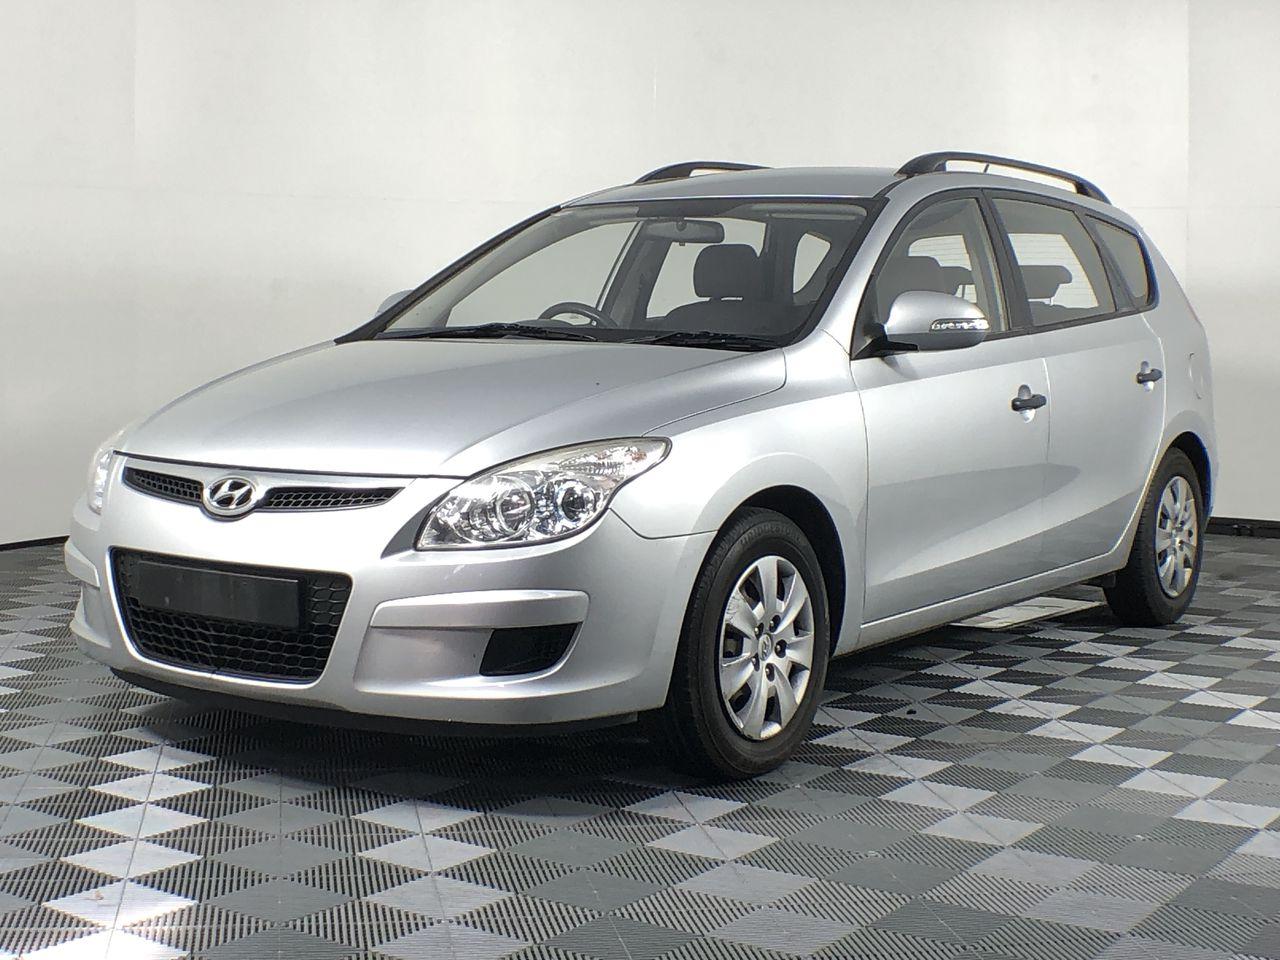 2009 Hyundai i30 cw SX 1.6 CRDi FD Turbo Diesel Automatic Wagon